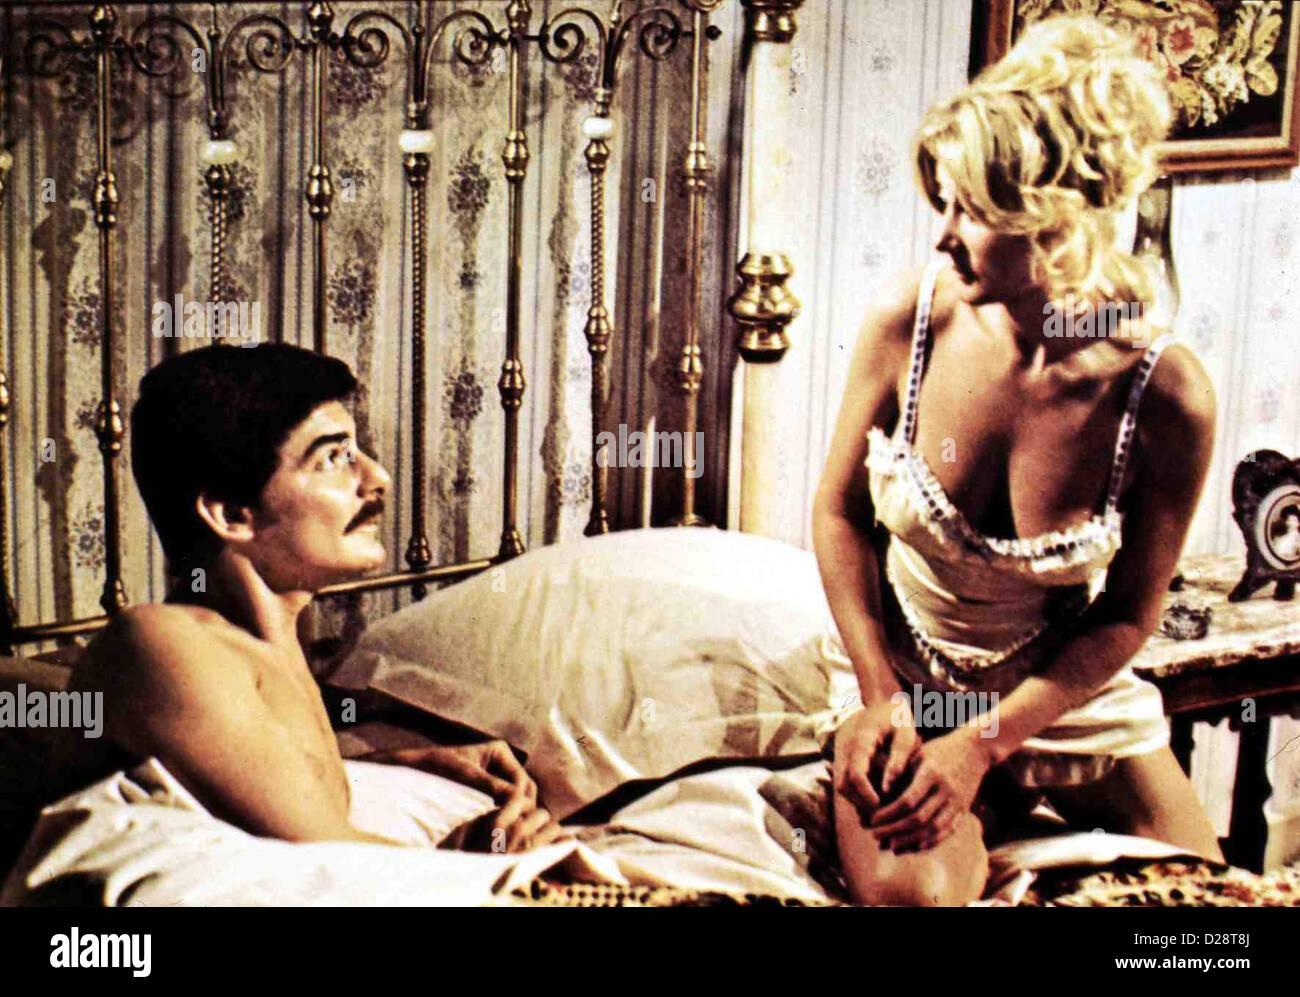 Richard Collins,Linda Bassett Sex fotos Zsa Zsa Padilla (b. 1964),Shigeru Muroi